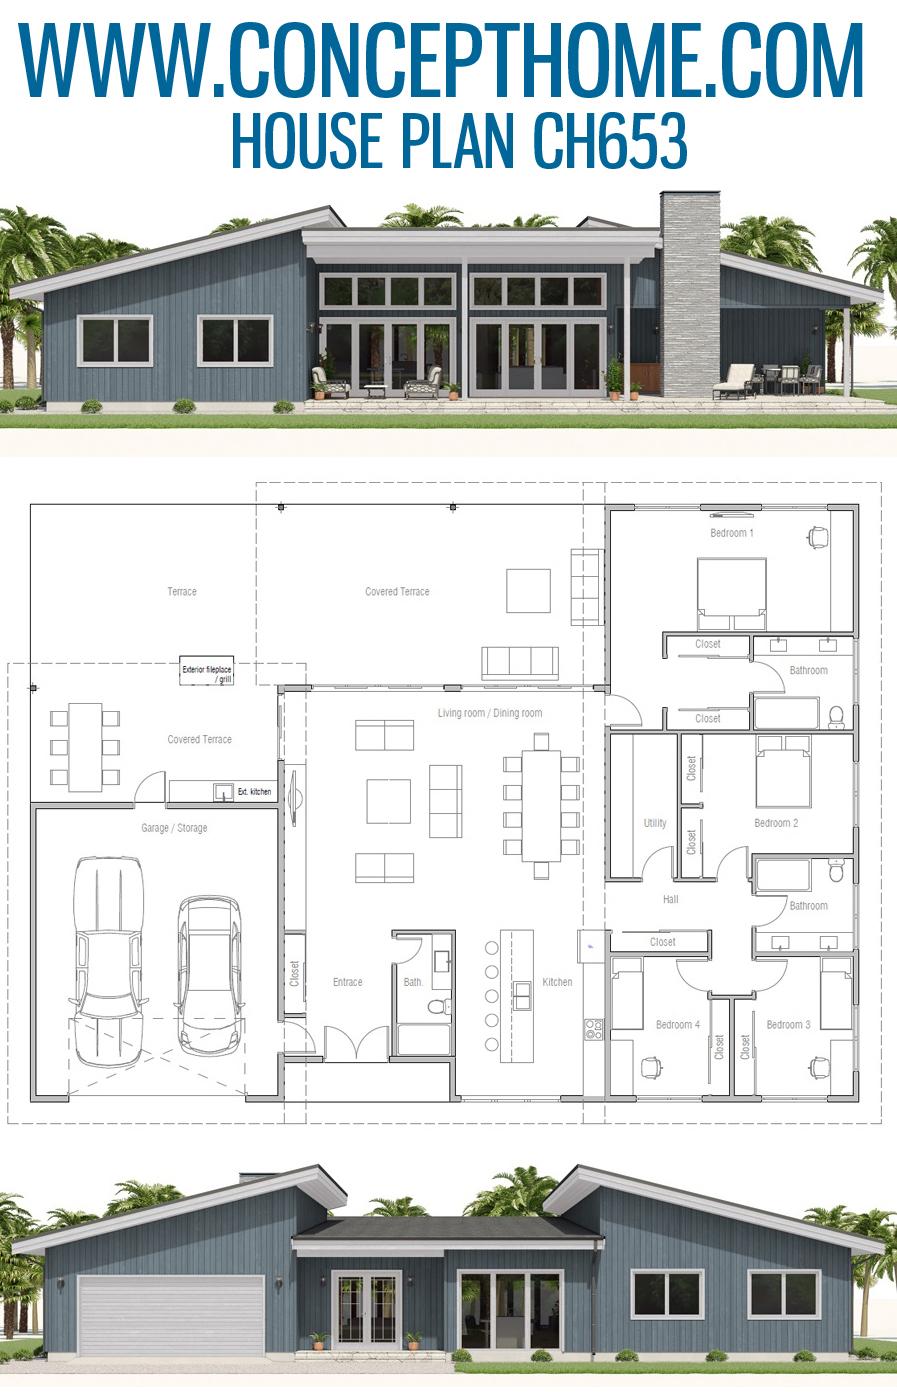 Architectural Design Ch653 House Plans Dream House Plans Architecture